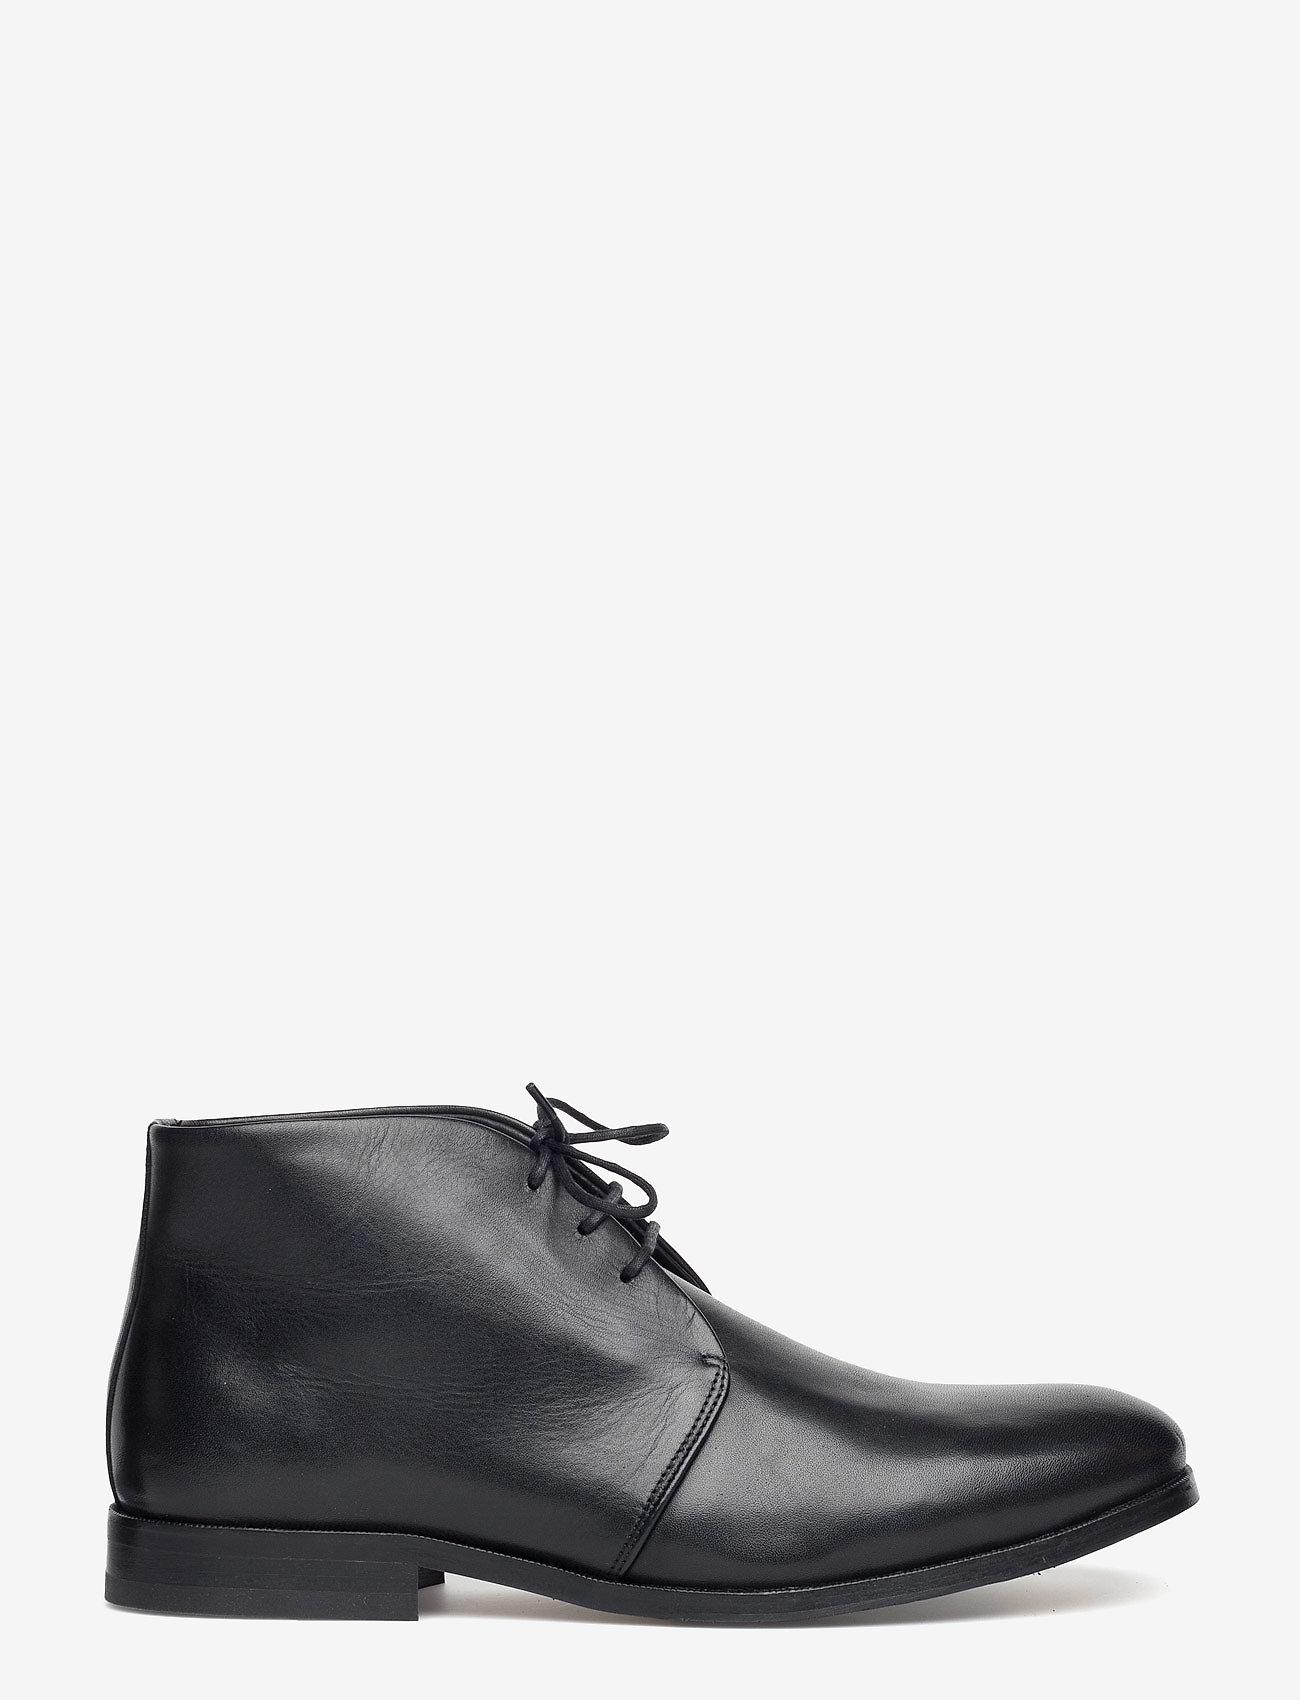 Royal RepubliQ - CAST CLASSIC DERBY MIDCUT - desert boots - black - 1